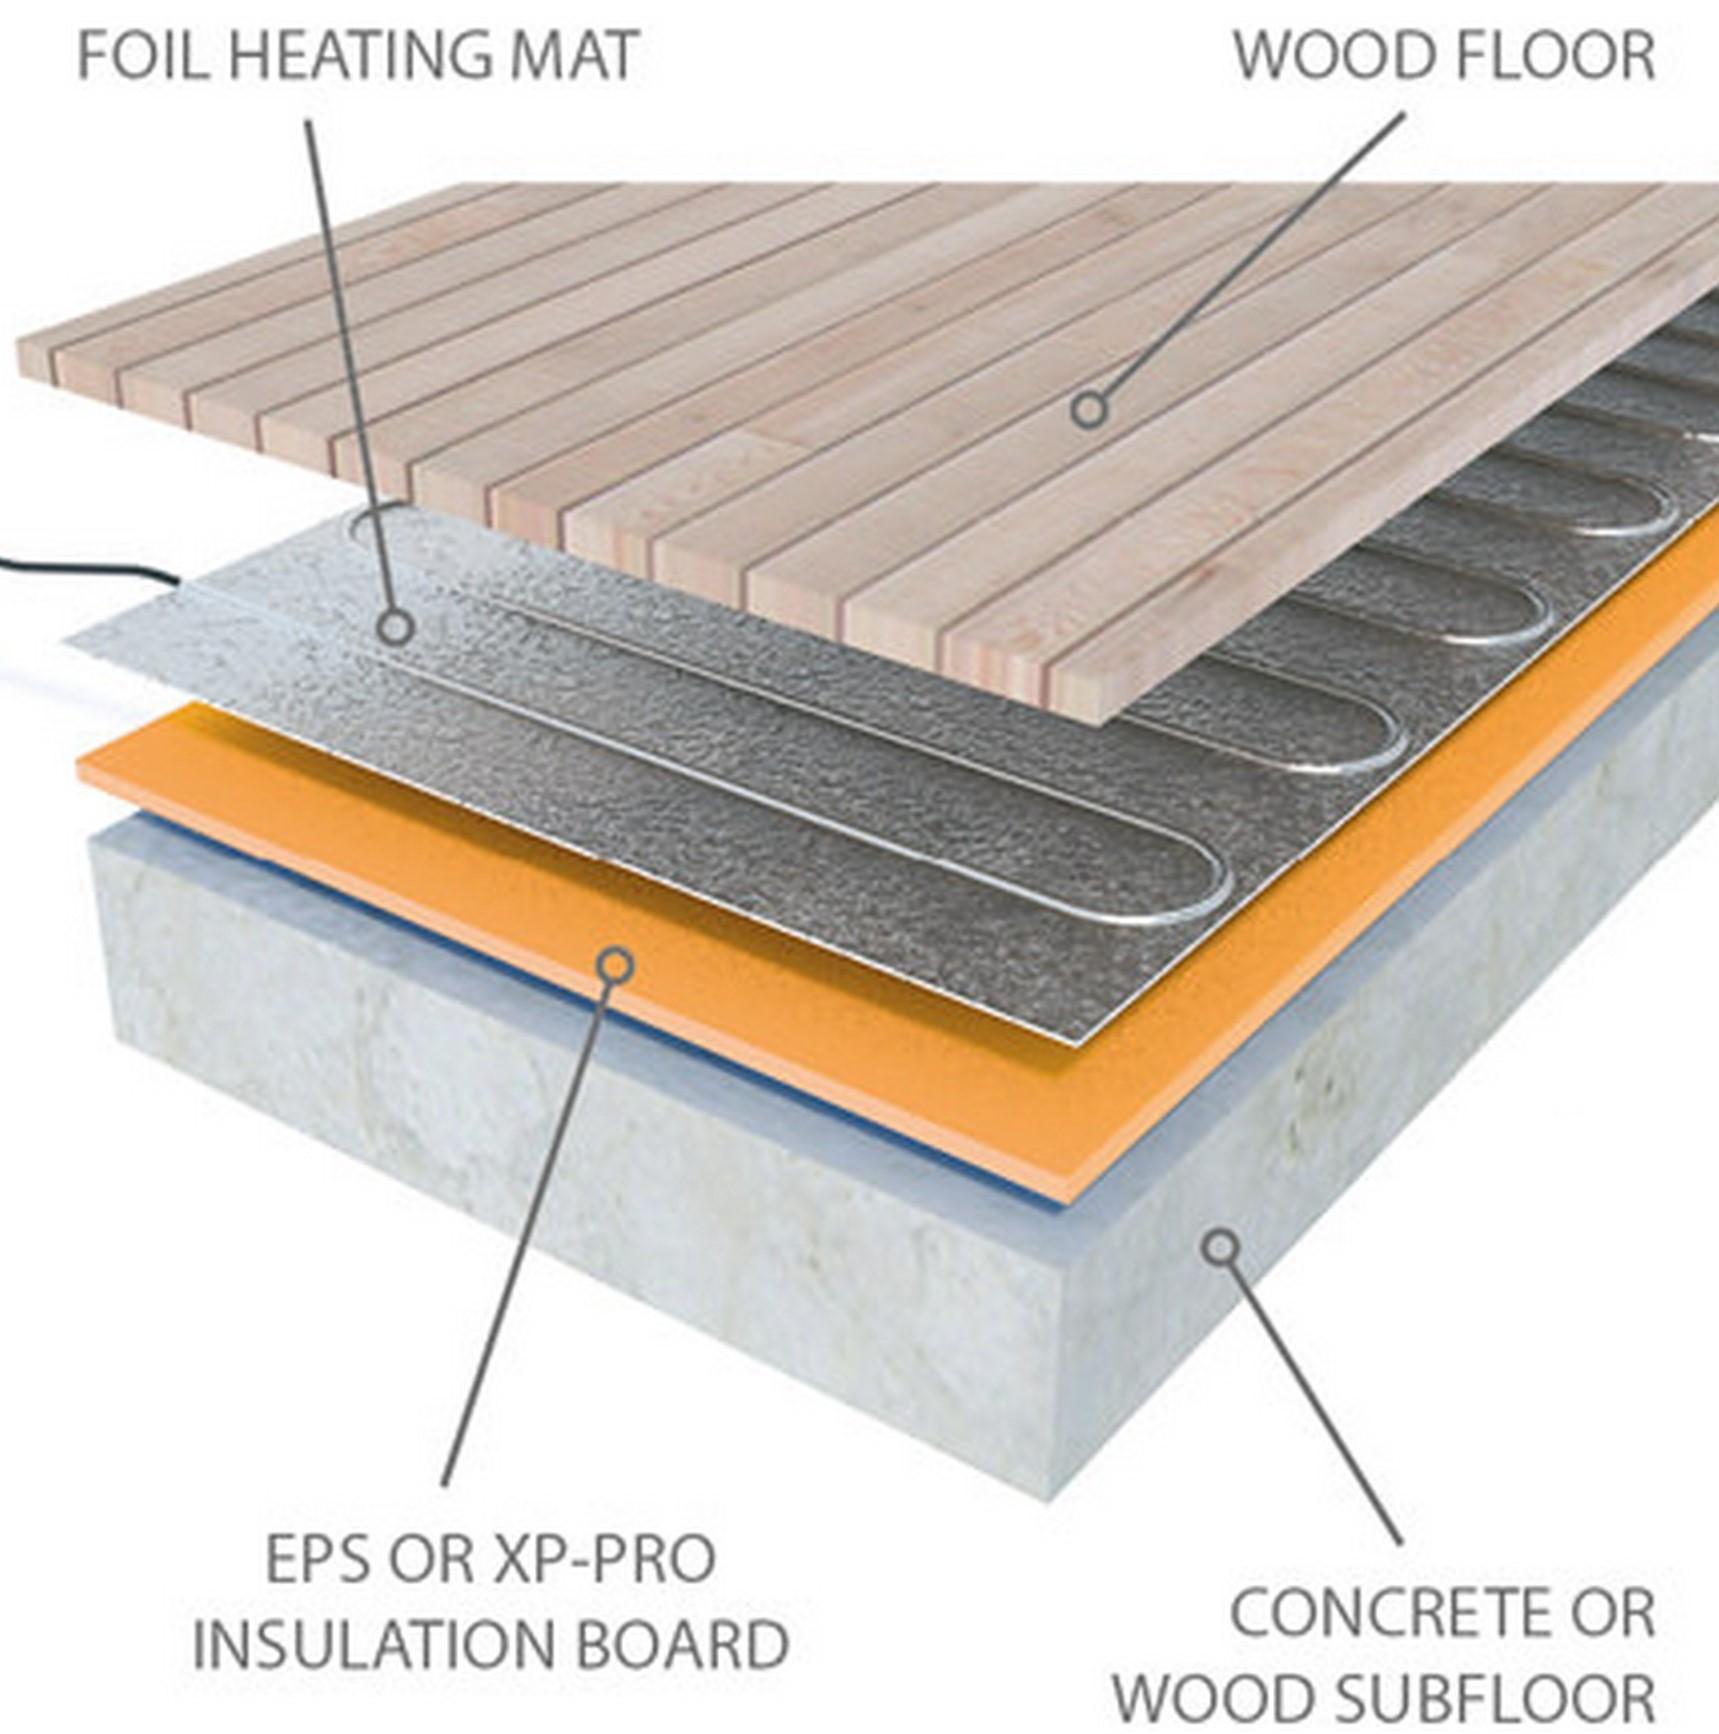 Rugs vs Underfloor Heating: Do Rugs Affect Heated Flooring?